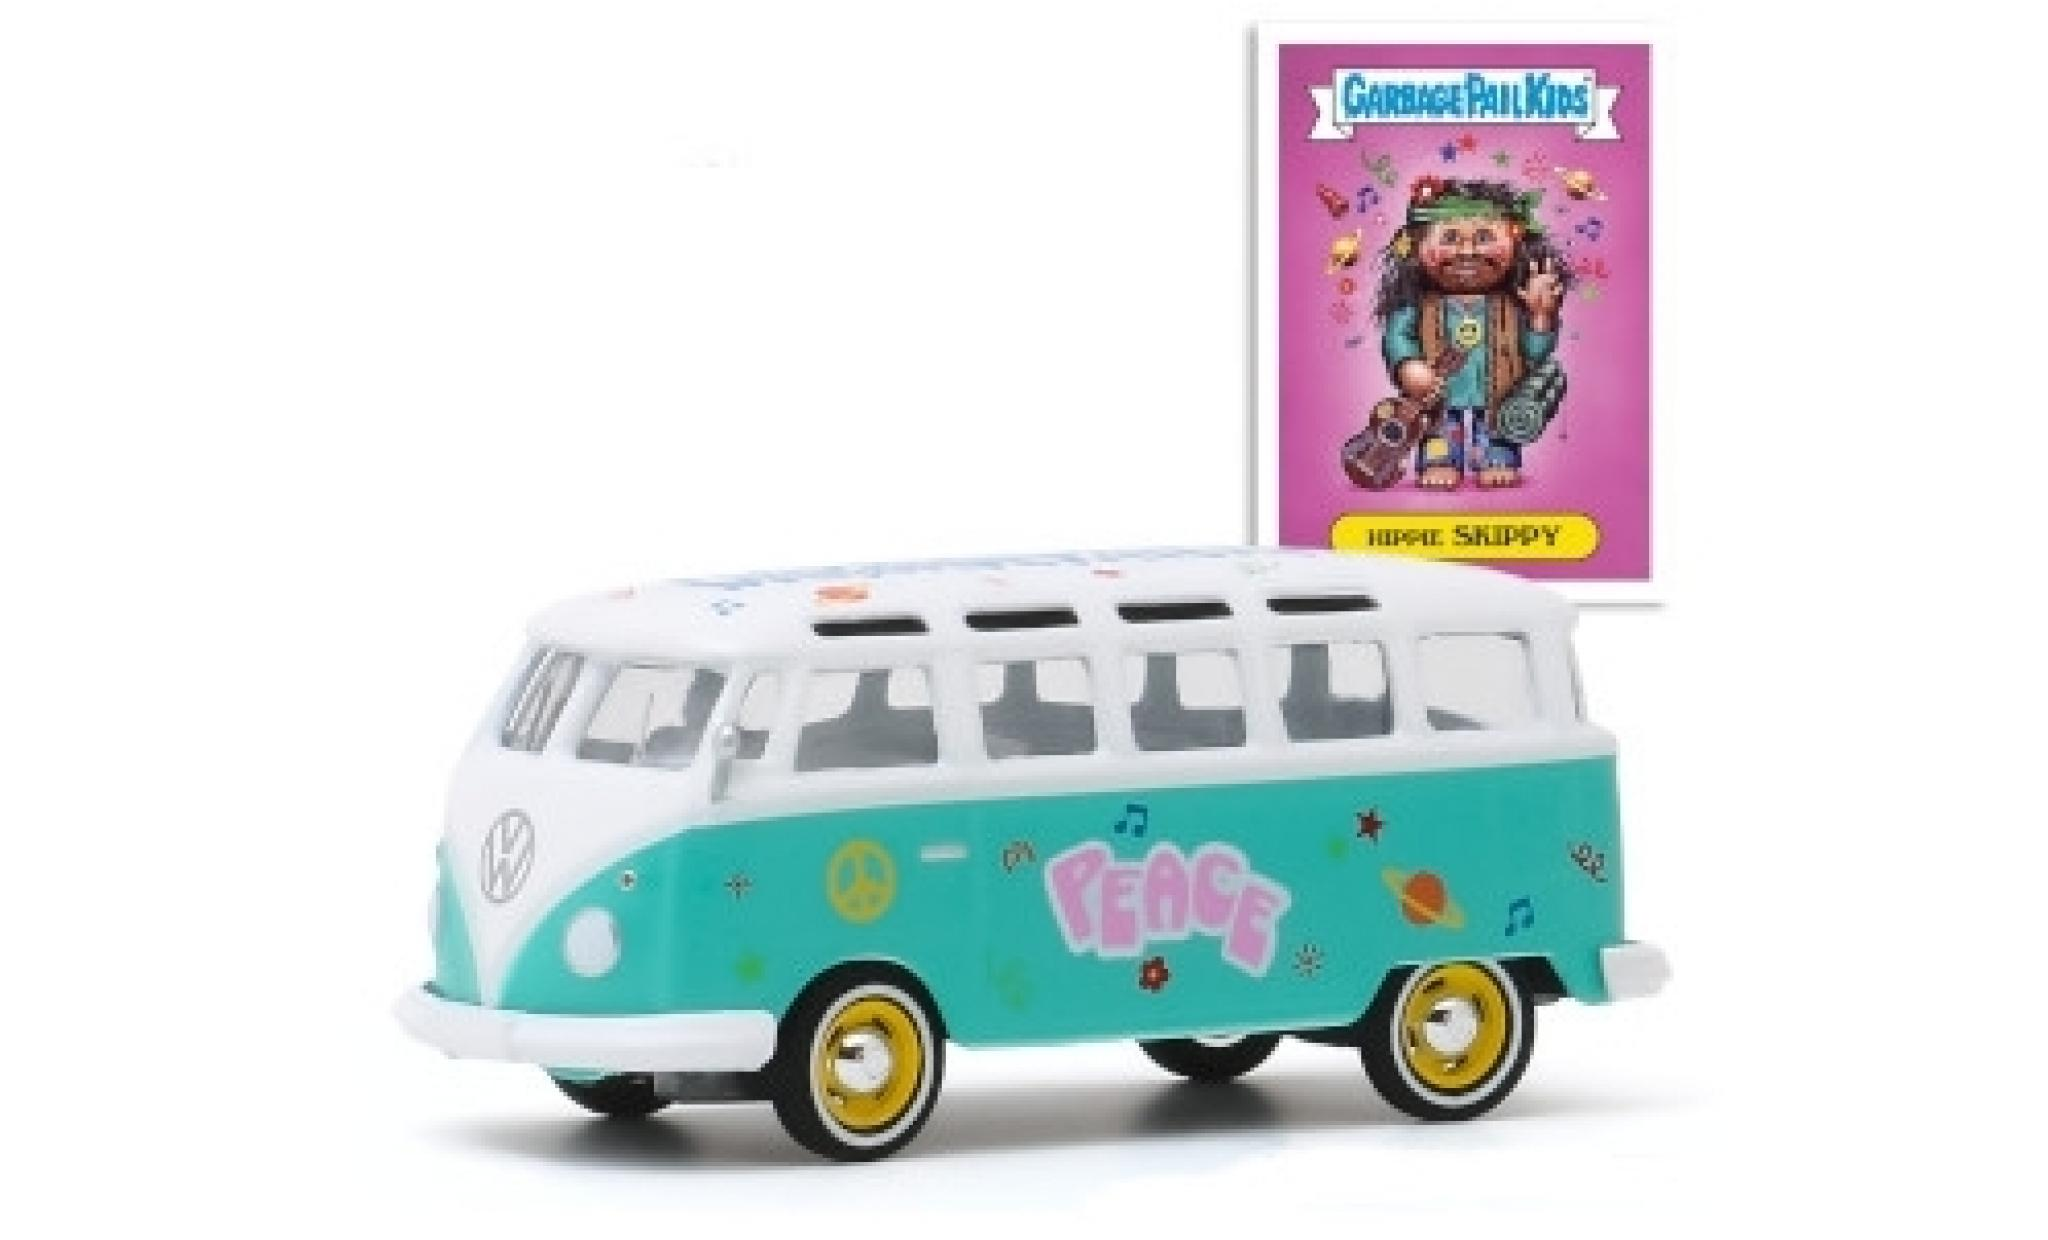 Volkswagen T1 1/64 Greenlight Samba turquoise/blanche GarbagePailKids Hippie Skippy